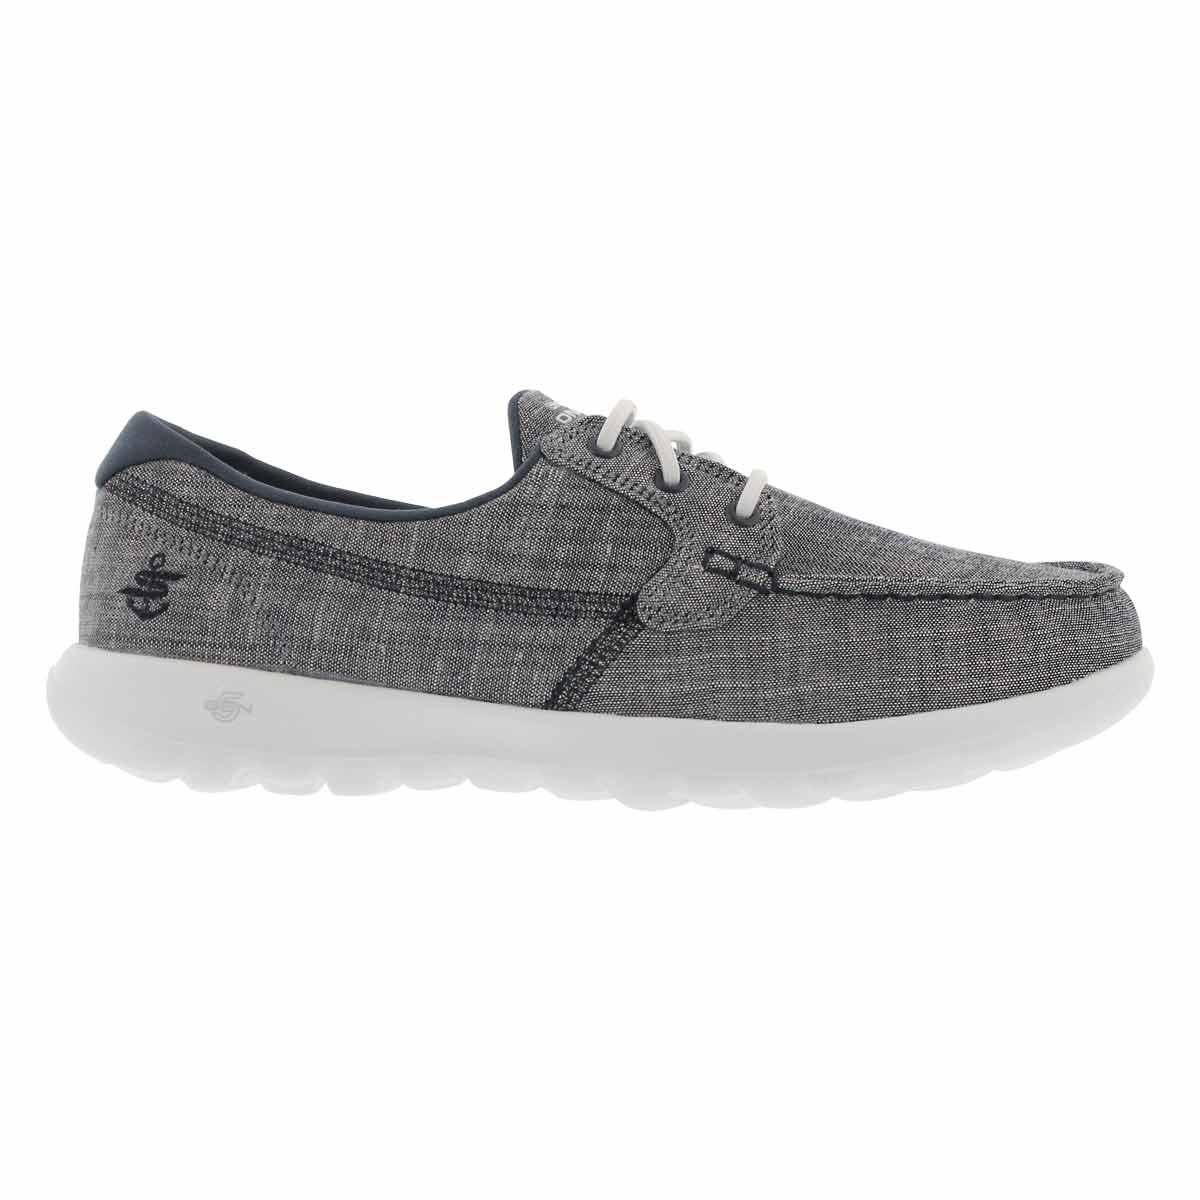 Lds GOwalk Lite Isla navy boat shoe